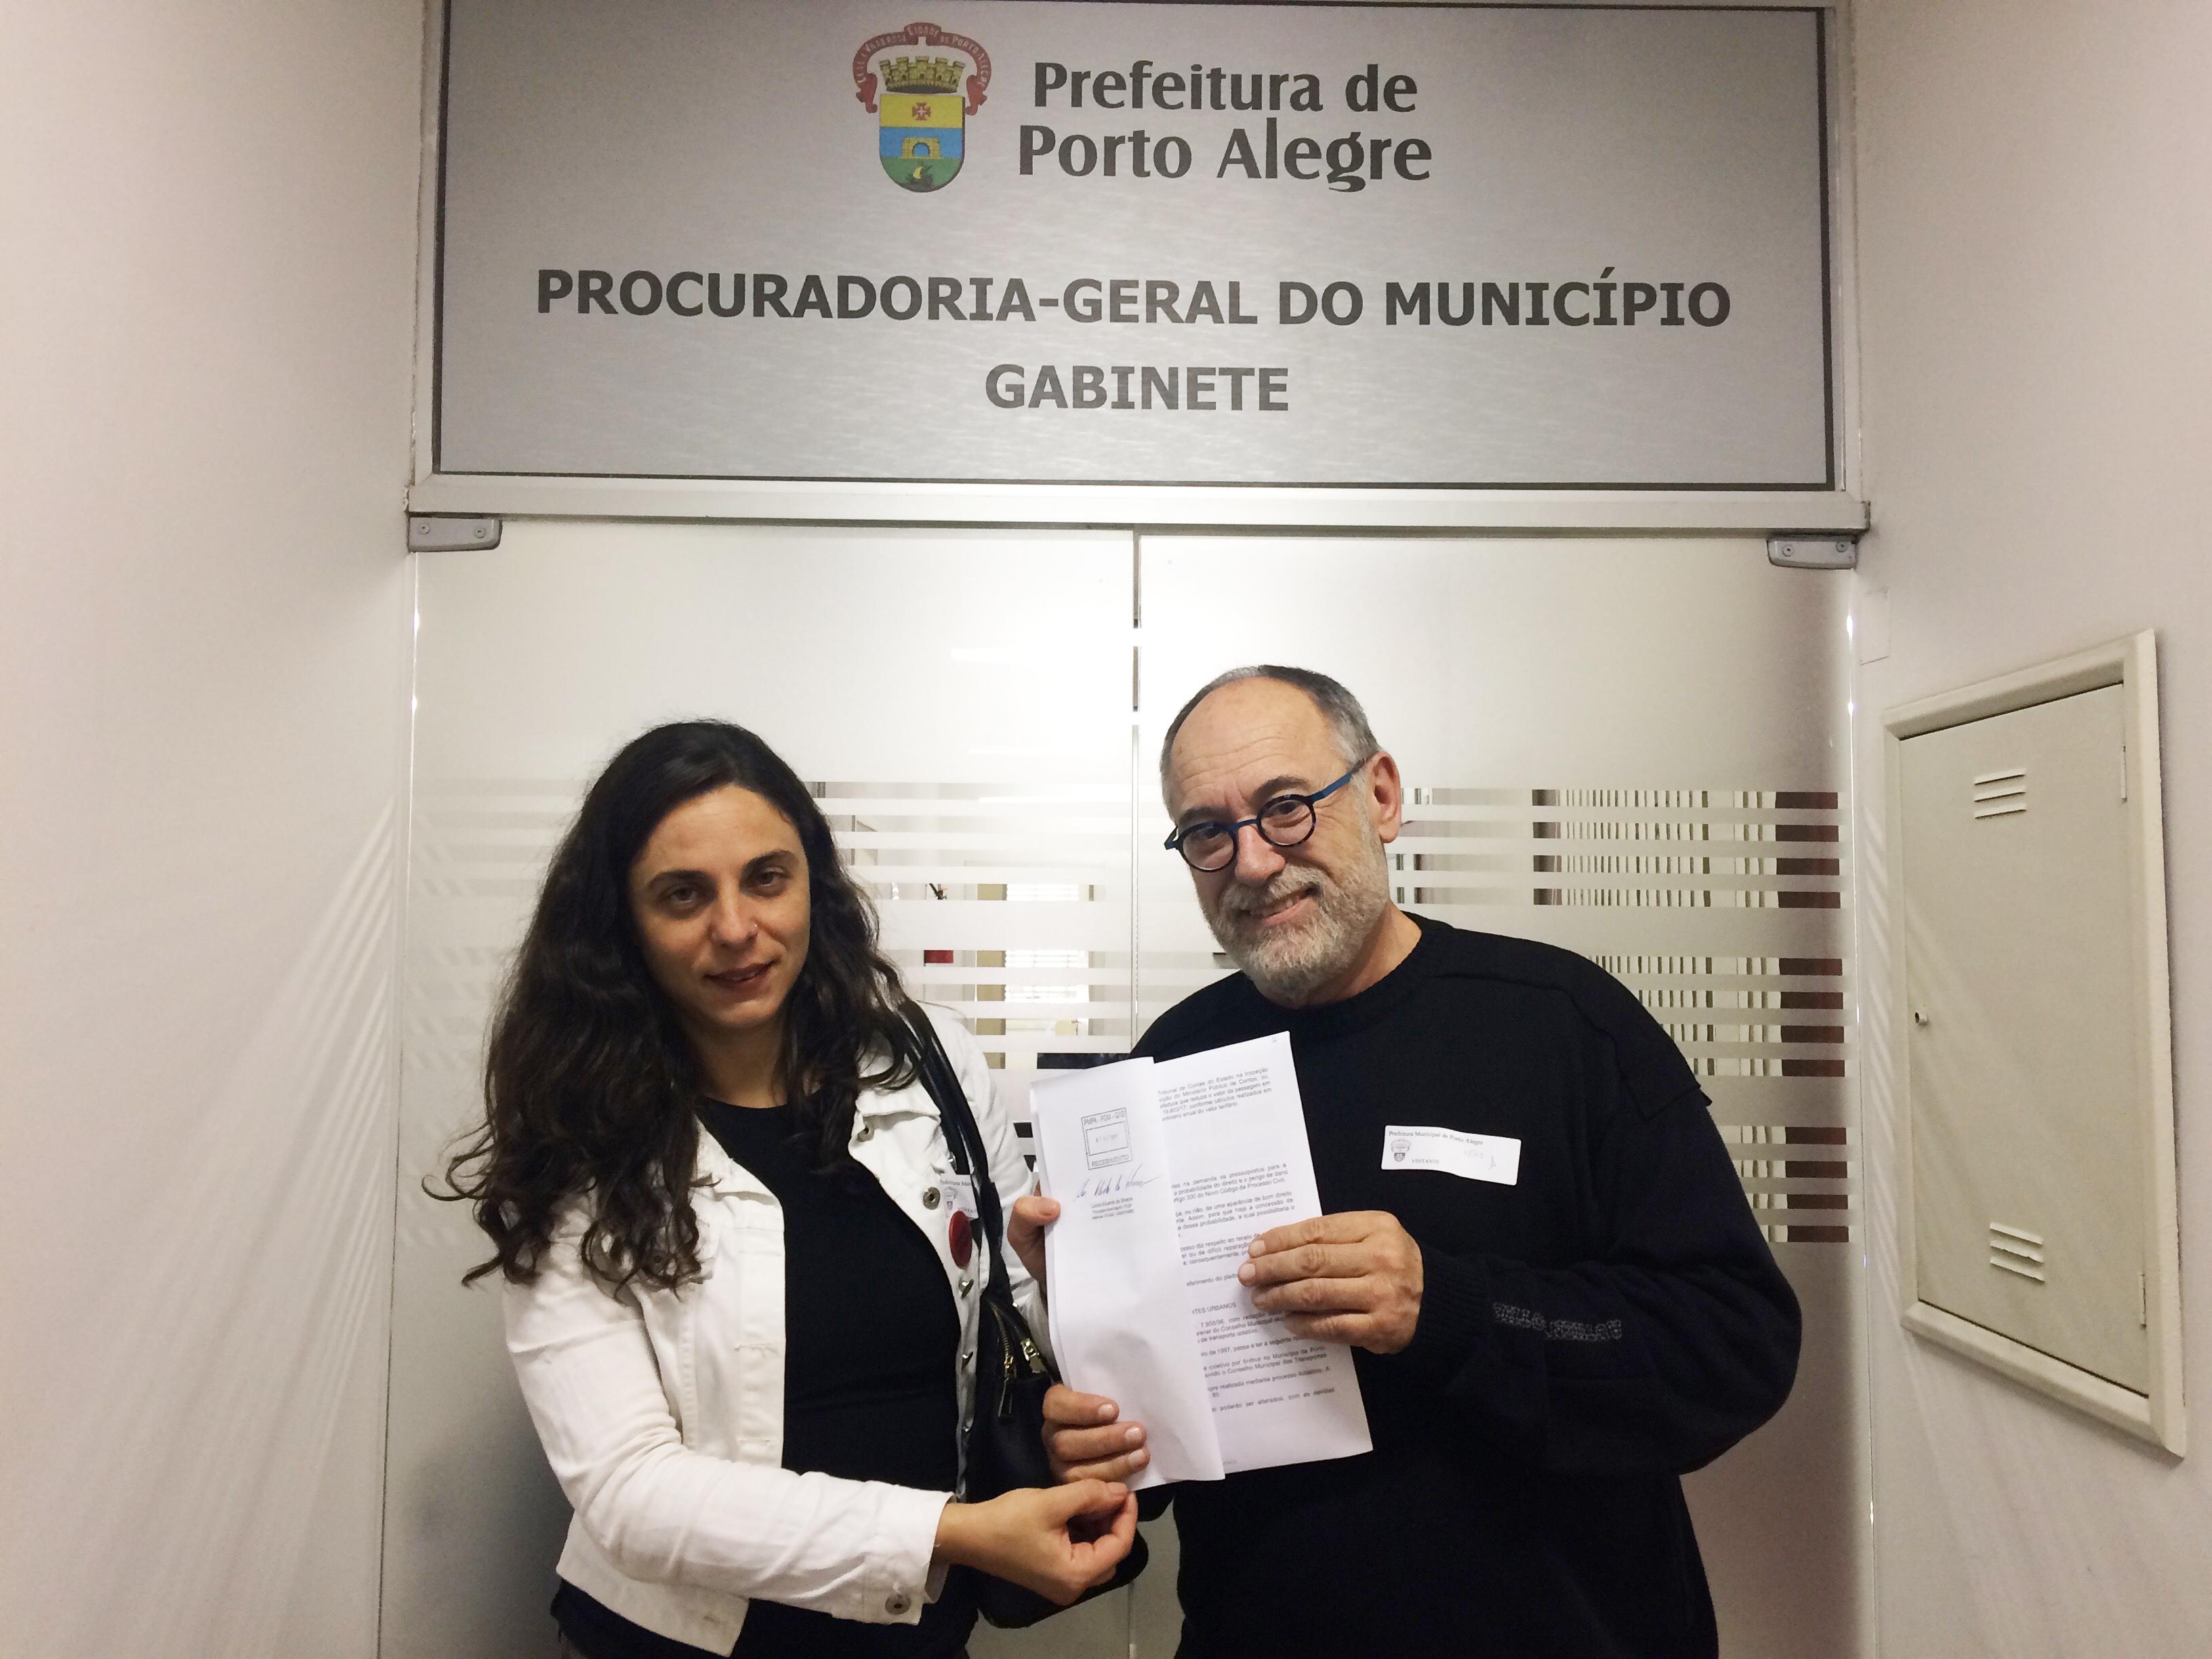 Ver. Fernanda Melchionna e Dep Pedro Ruas (PSOL) notificam Prefeitura de Porto Alegre e EPTC sobre decisão da Justiça que determina a volta da 2ª passagem gratuita